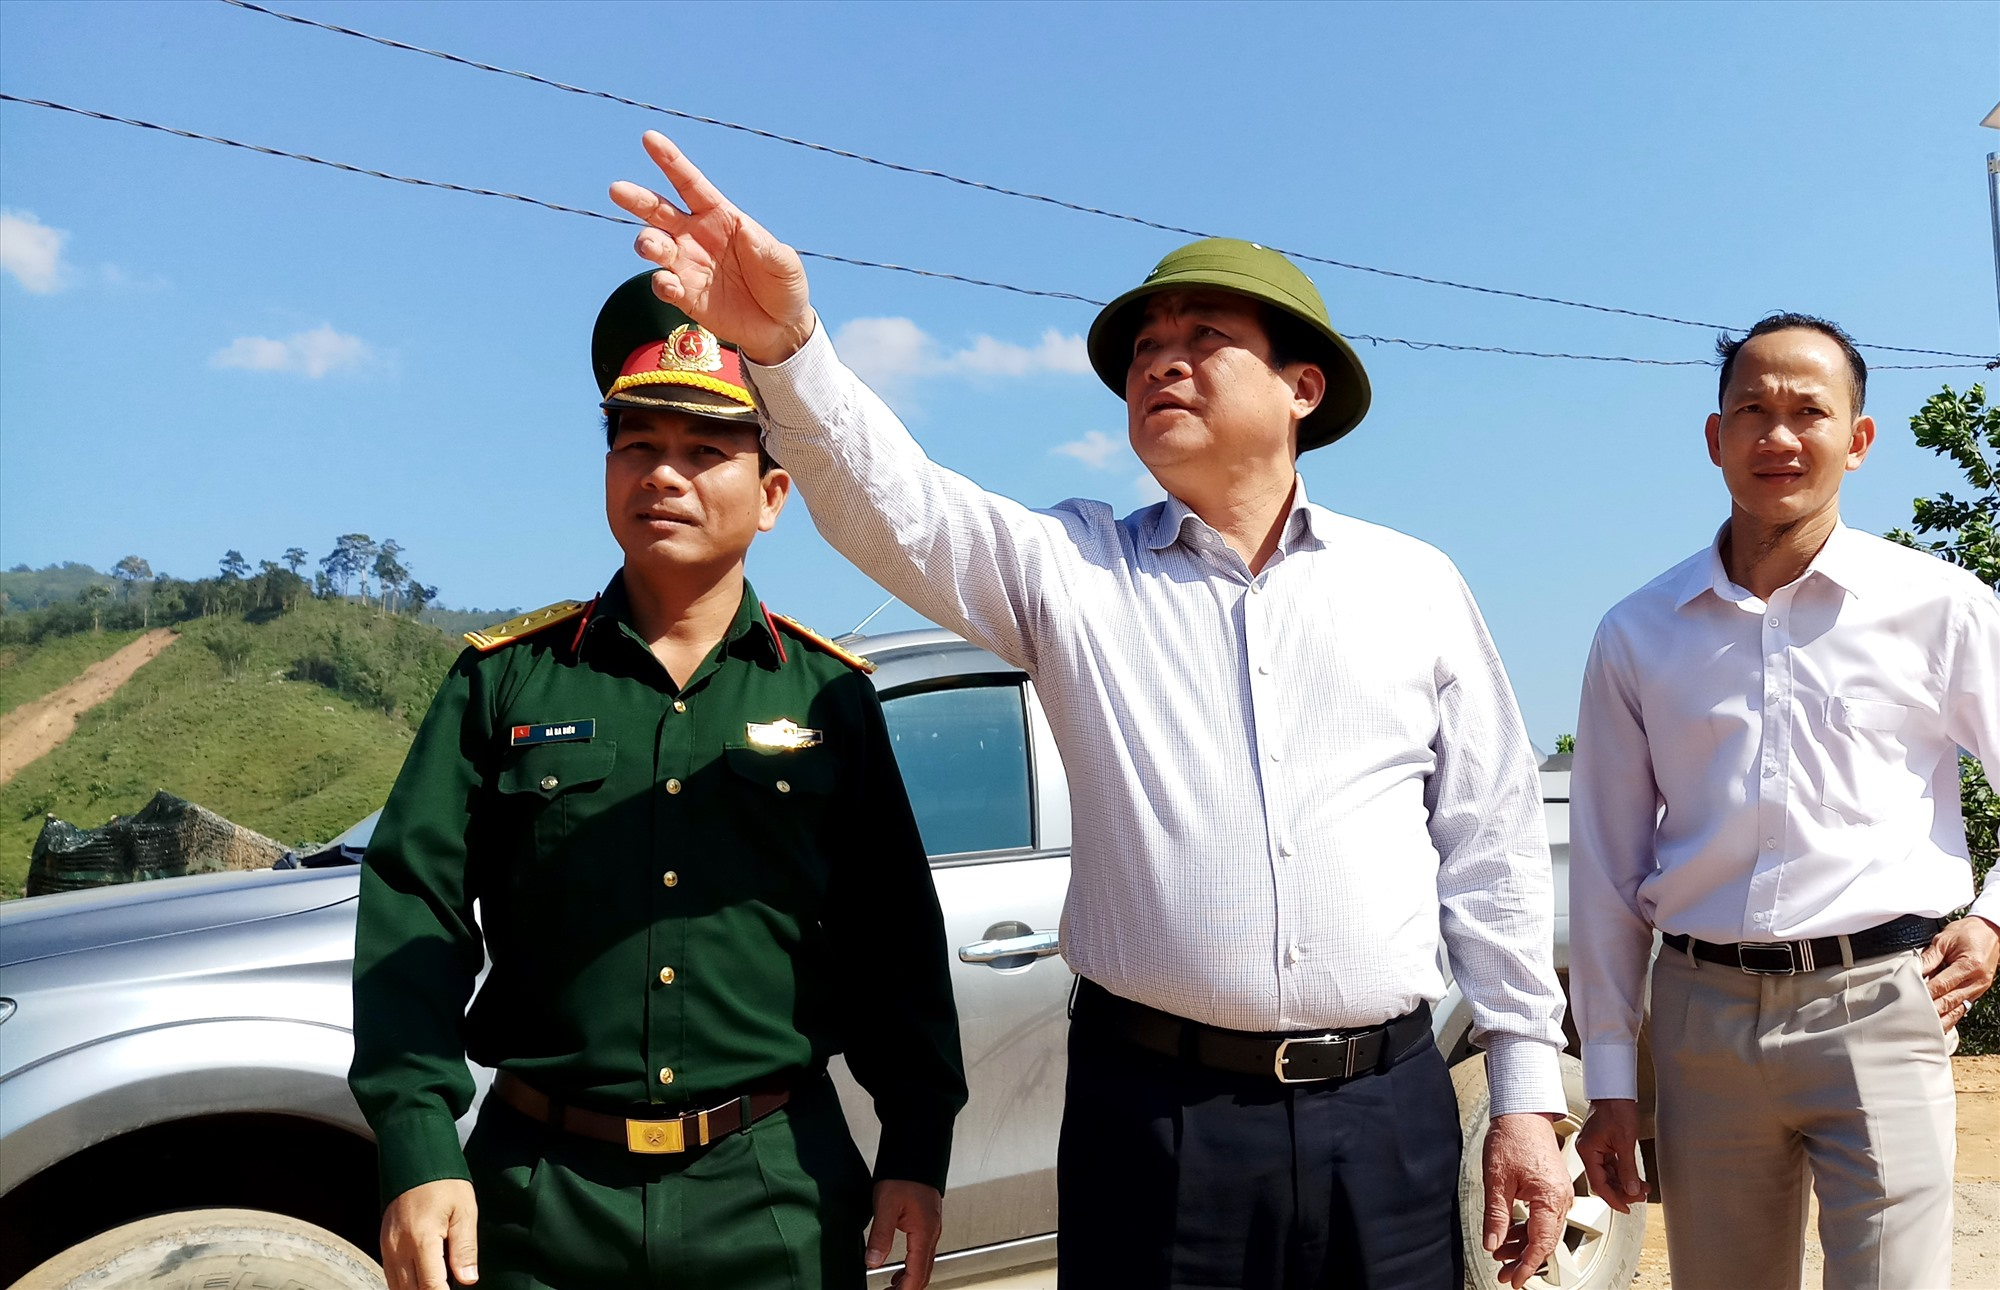 Sau khi khảo sát vị trí đất được chọn làm khu tái định cư ở nóc Ông Sinh, đồng chí Phan Việt Cường lưu ý chính quyền địa phương cần tập trung xây dựng hoàn thiện các phần hạ tầng đi kèm, nhất là đảm bảo nước sinh hoạt và công trình nhà vệ sinh. Ảnh: A.N